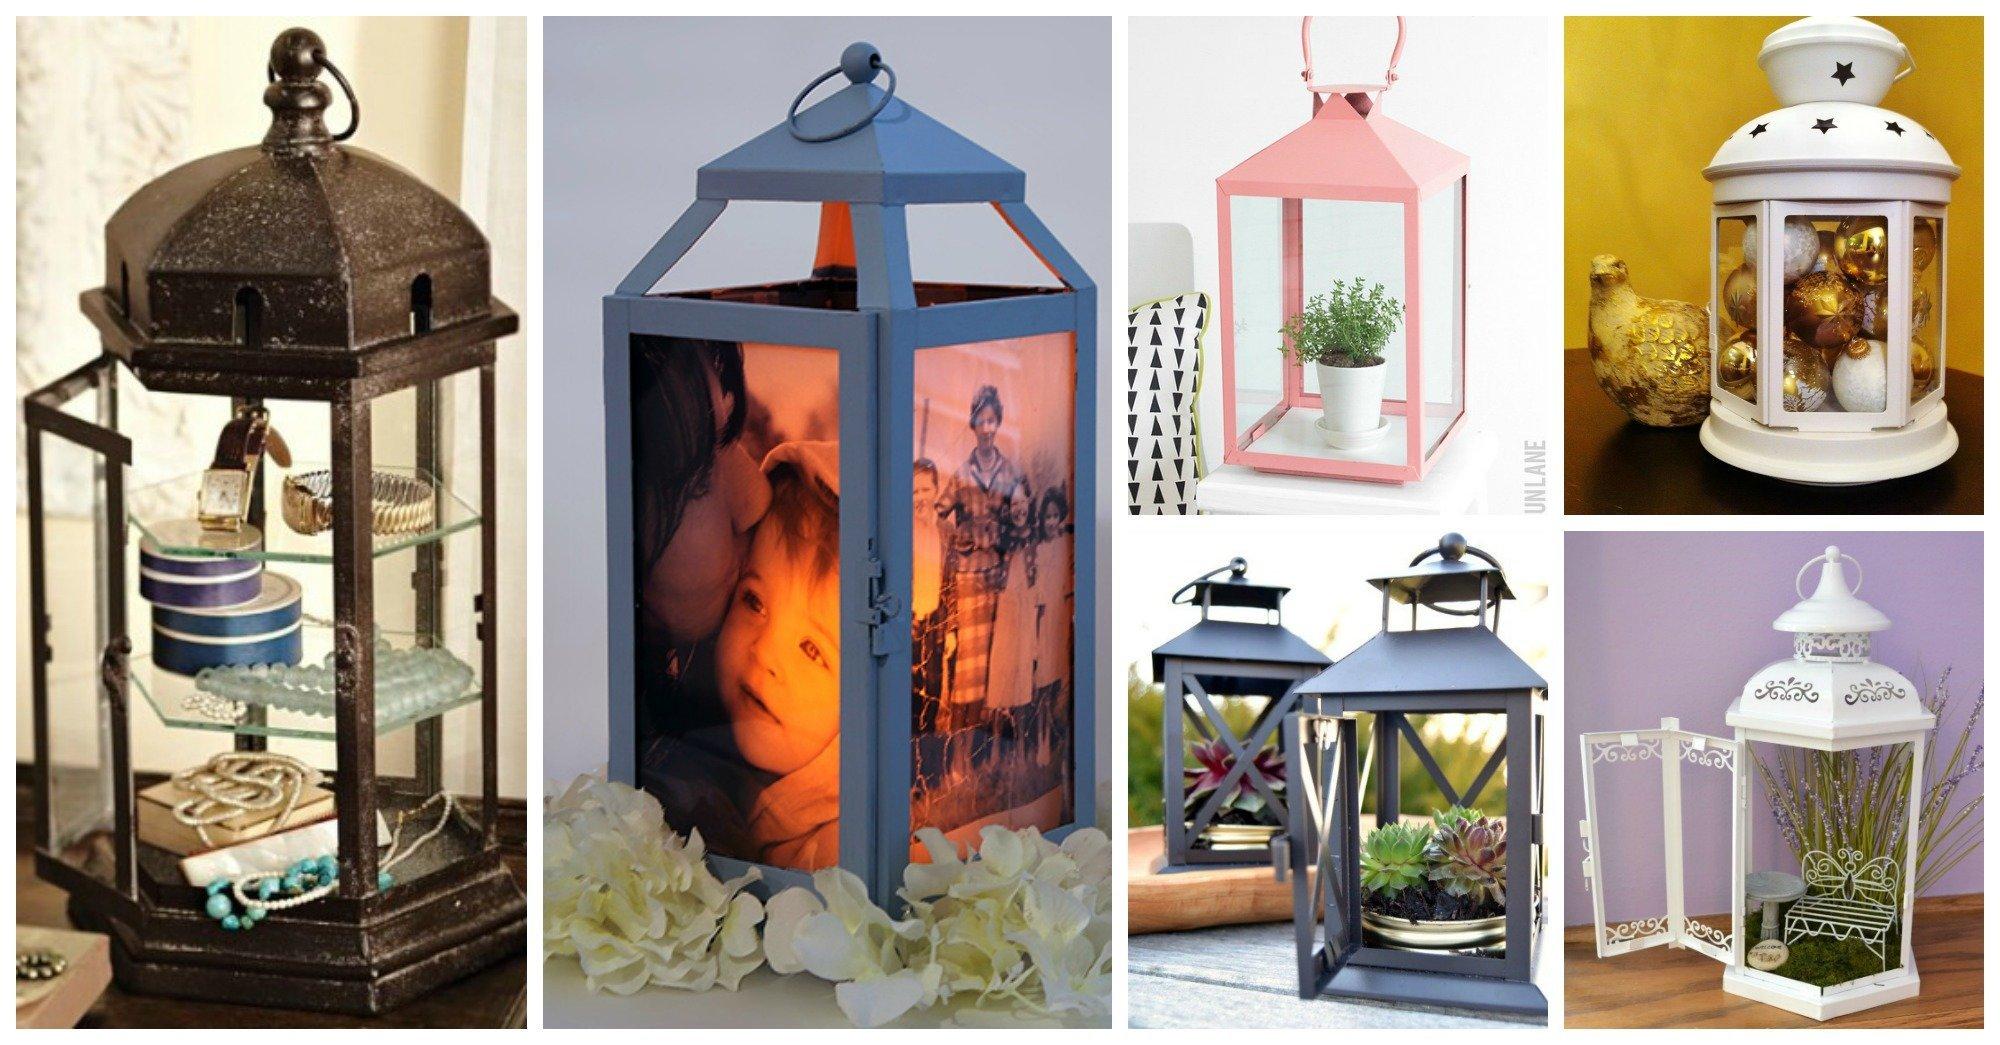 8 Awesome Ways To Repurpose Old Lanterns